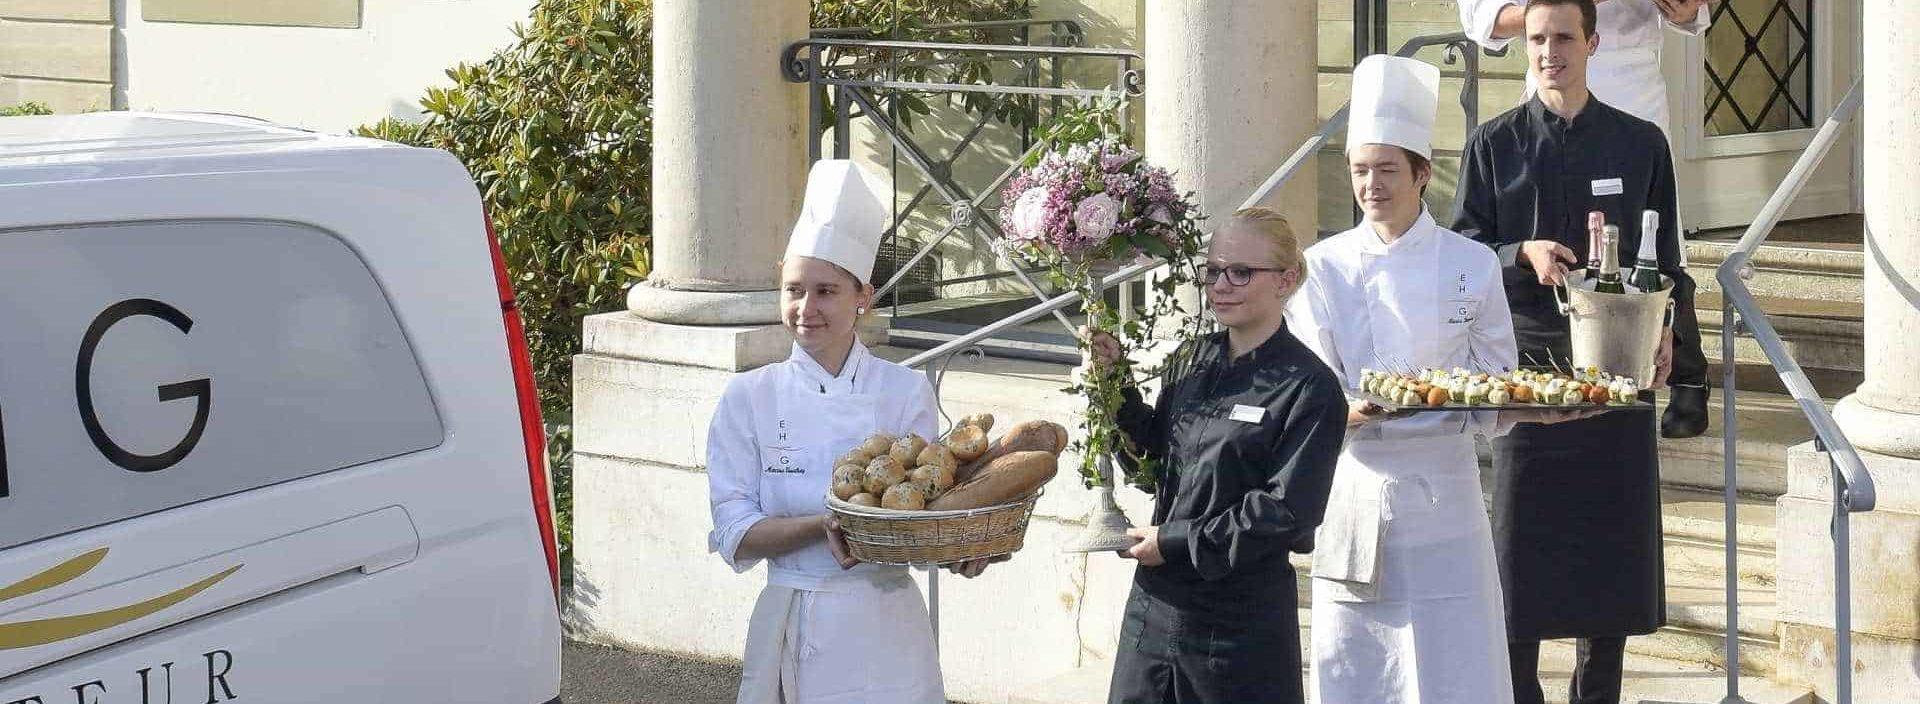 A corporate catering in Geneva | Choisir l'EHG Traiteur pour votre Evenement a Genève est un gage de qualité